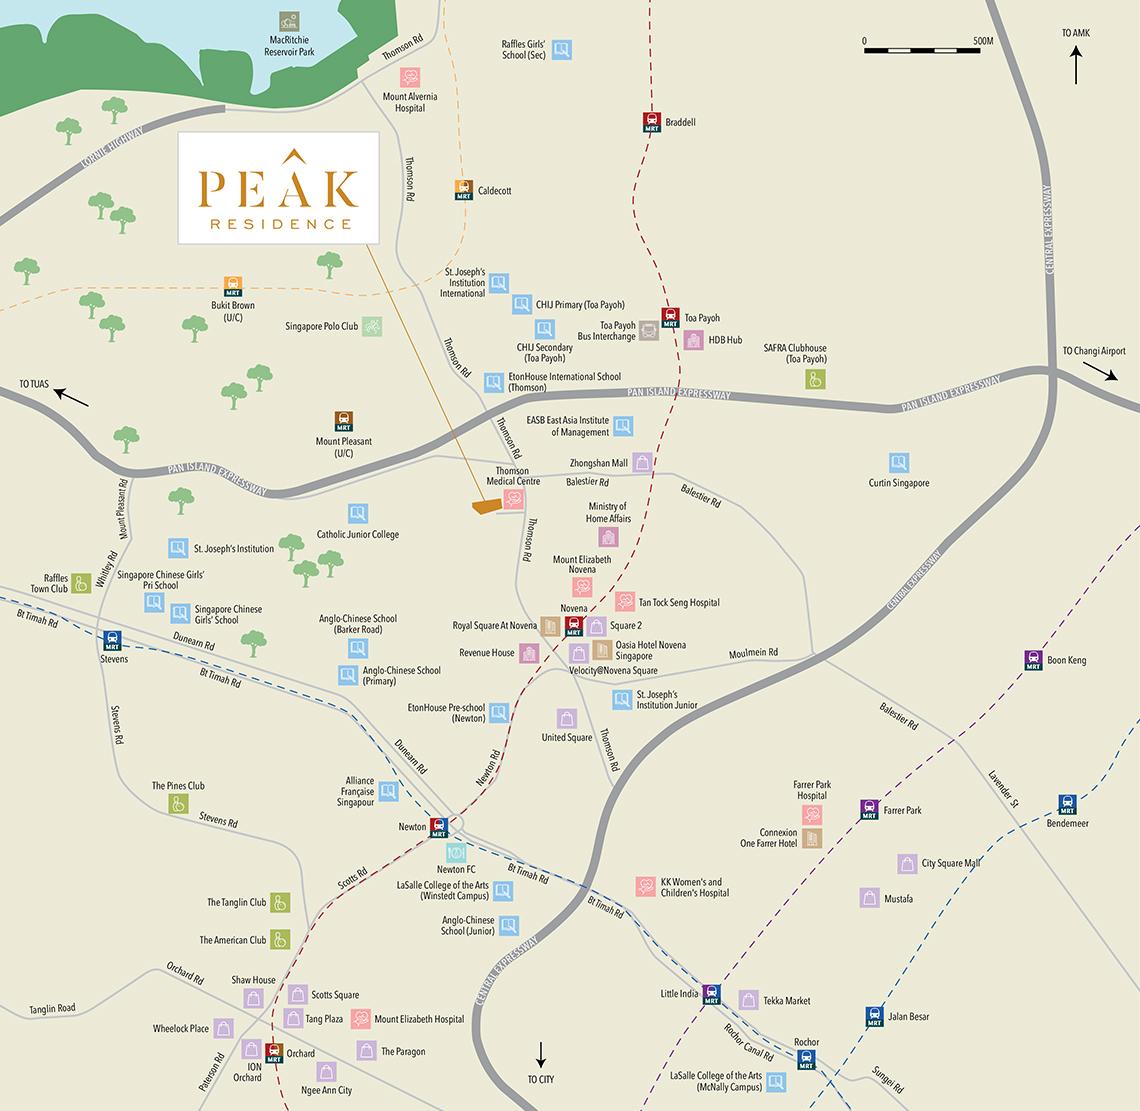 peak residence 307675 sglp02101751